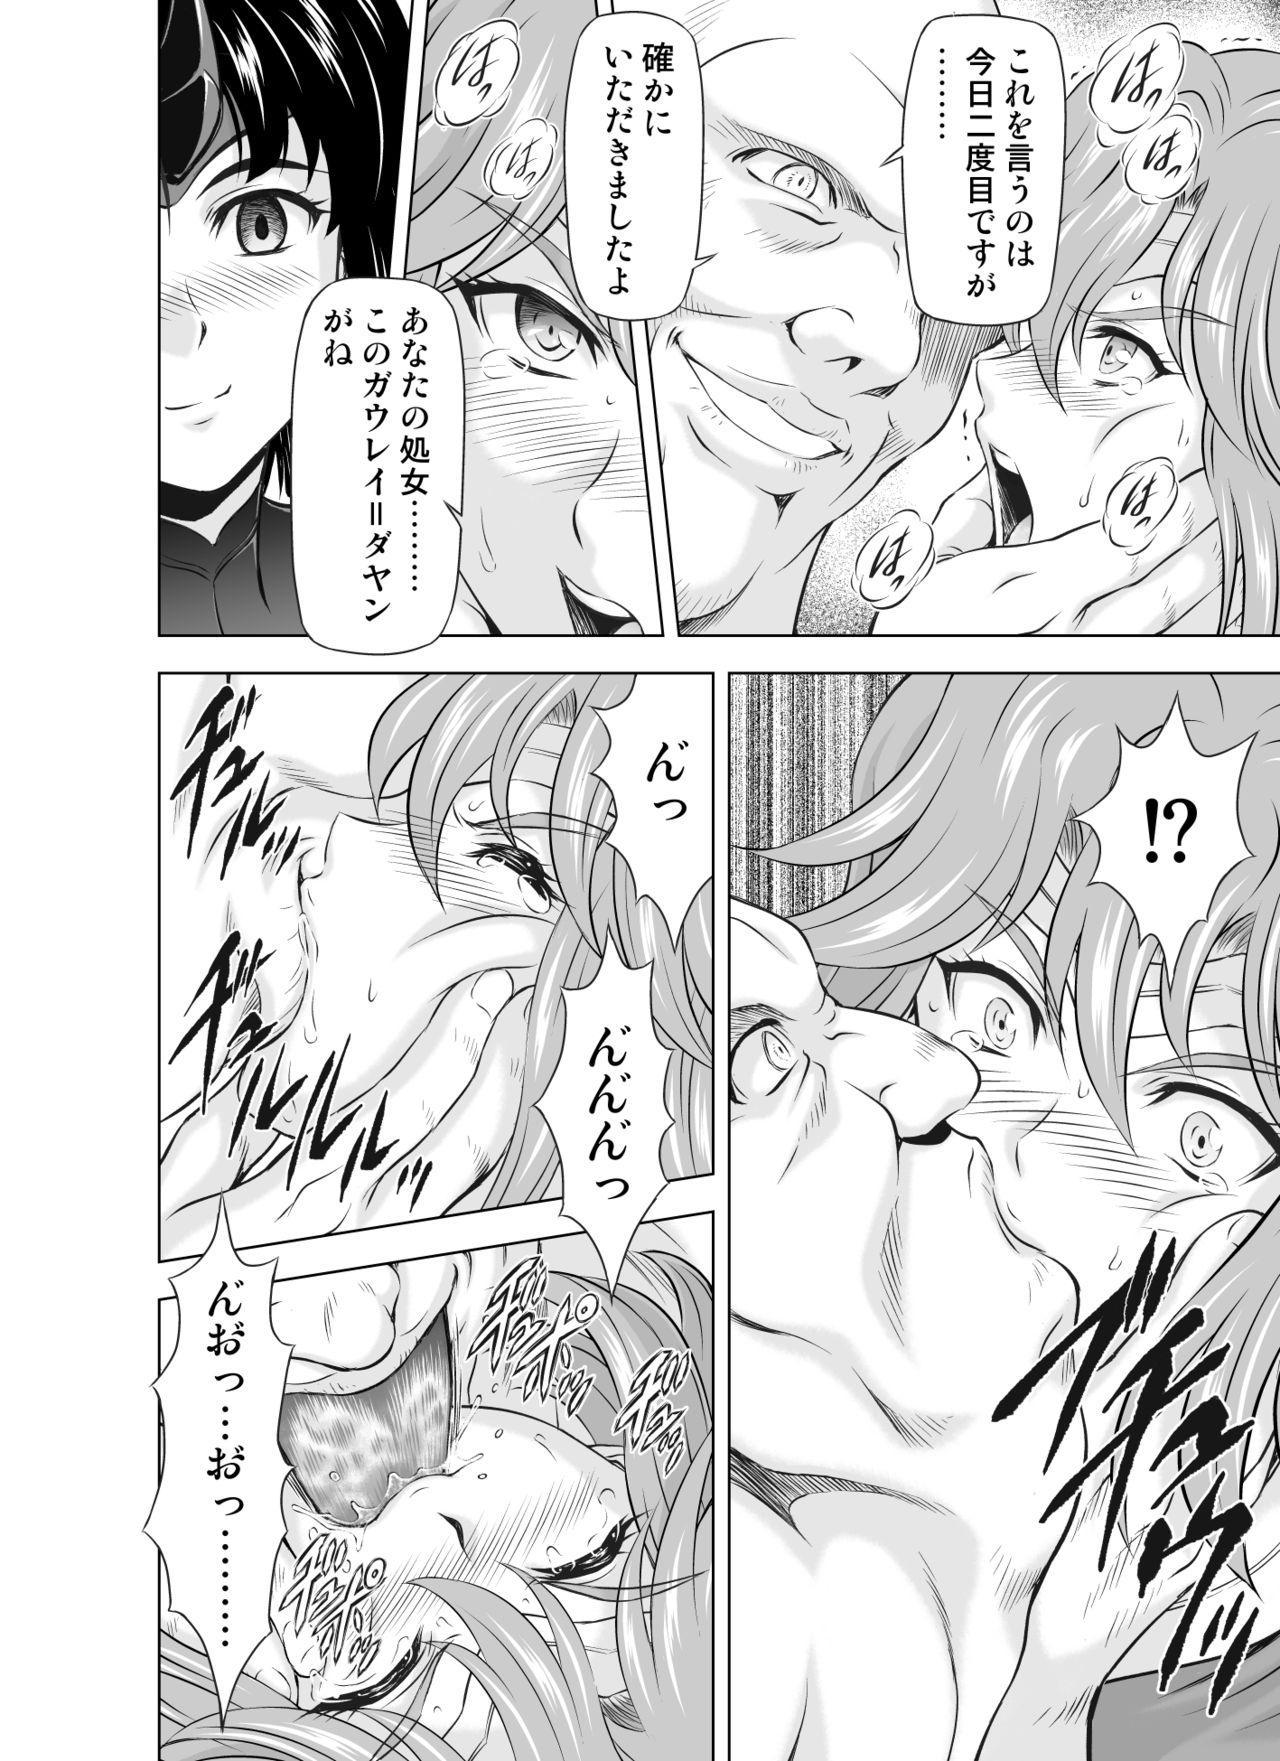 Reties no Michibiki Vol. 5 13